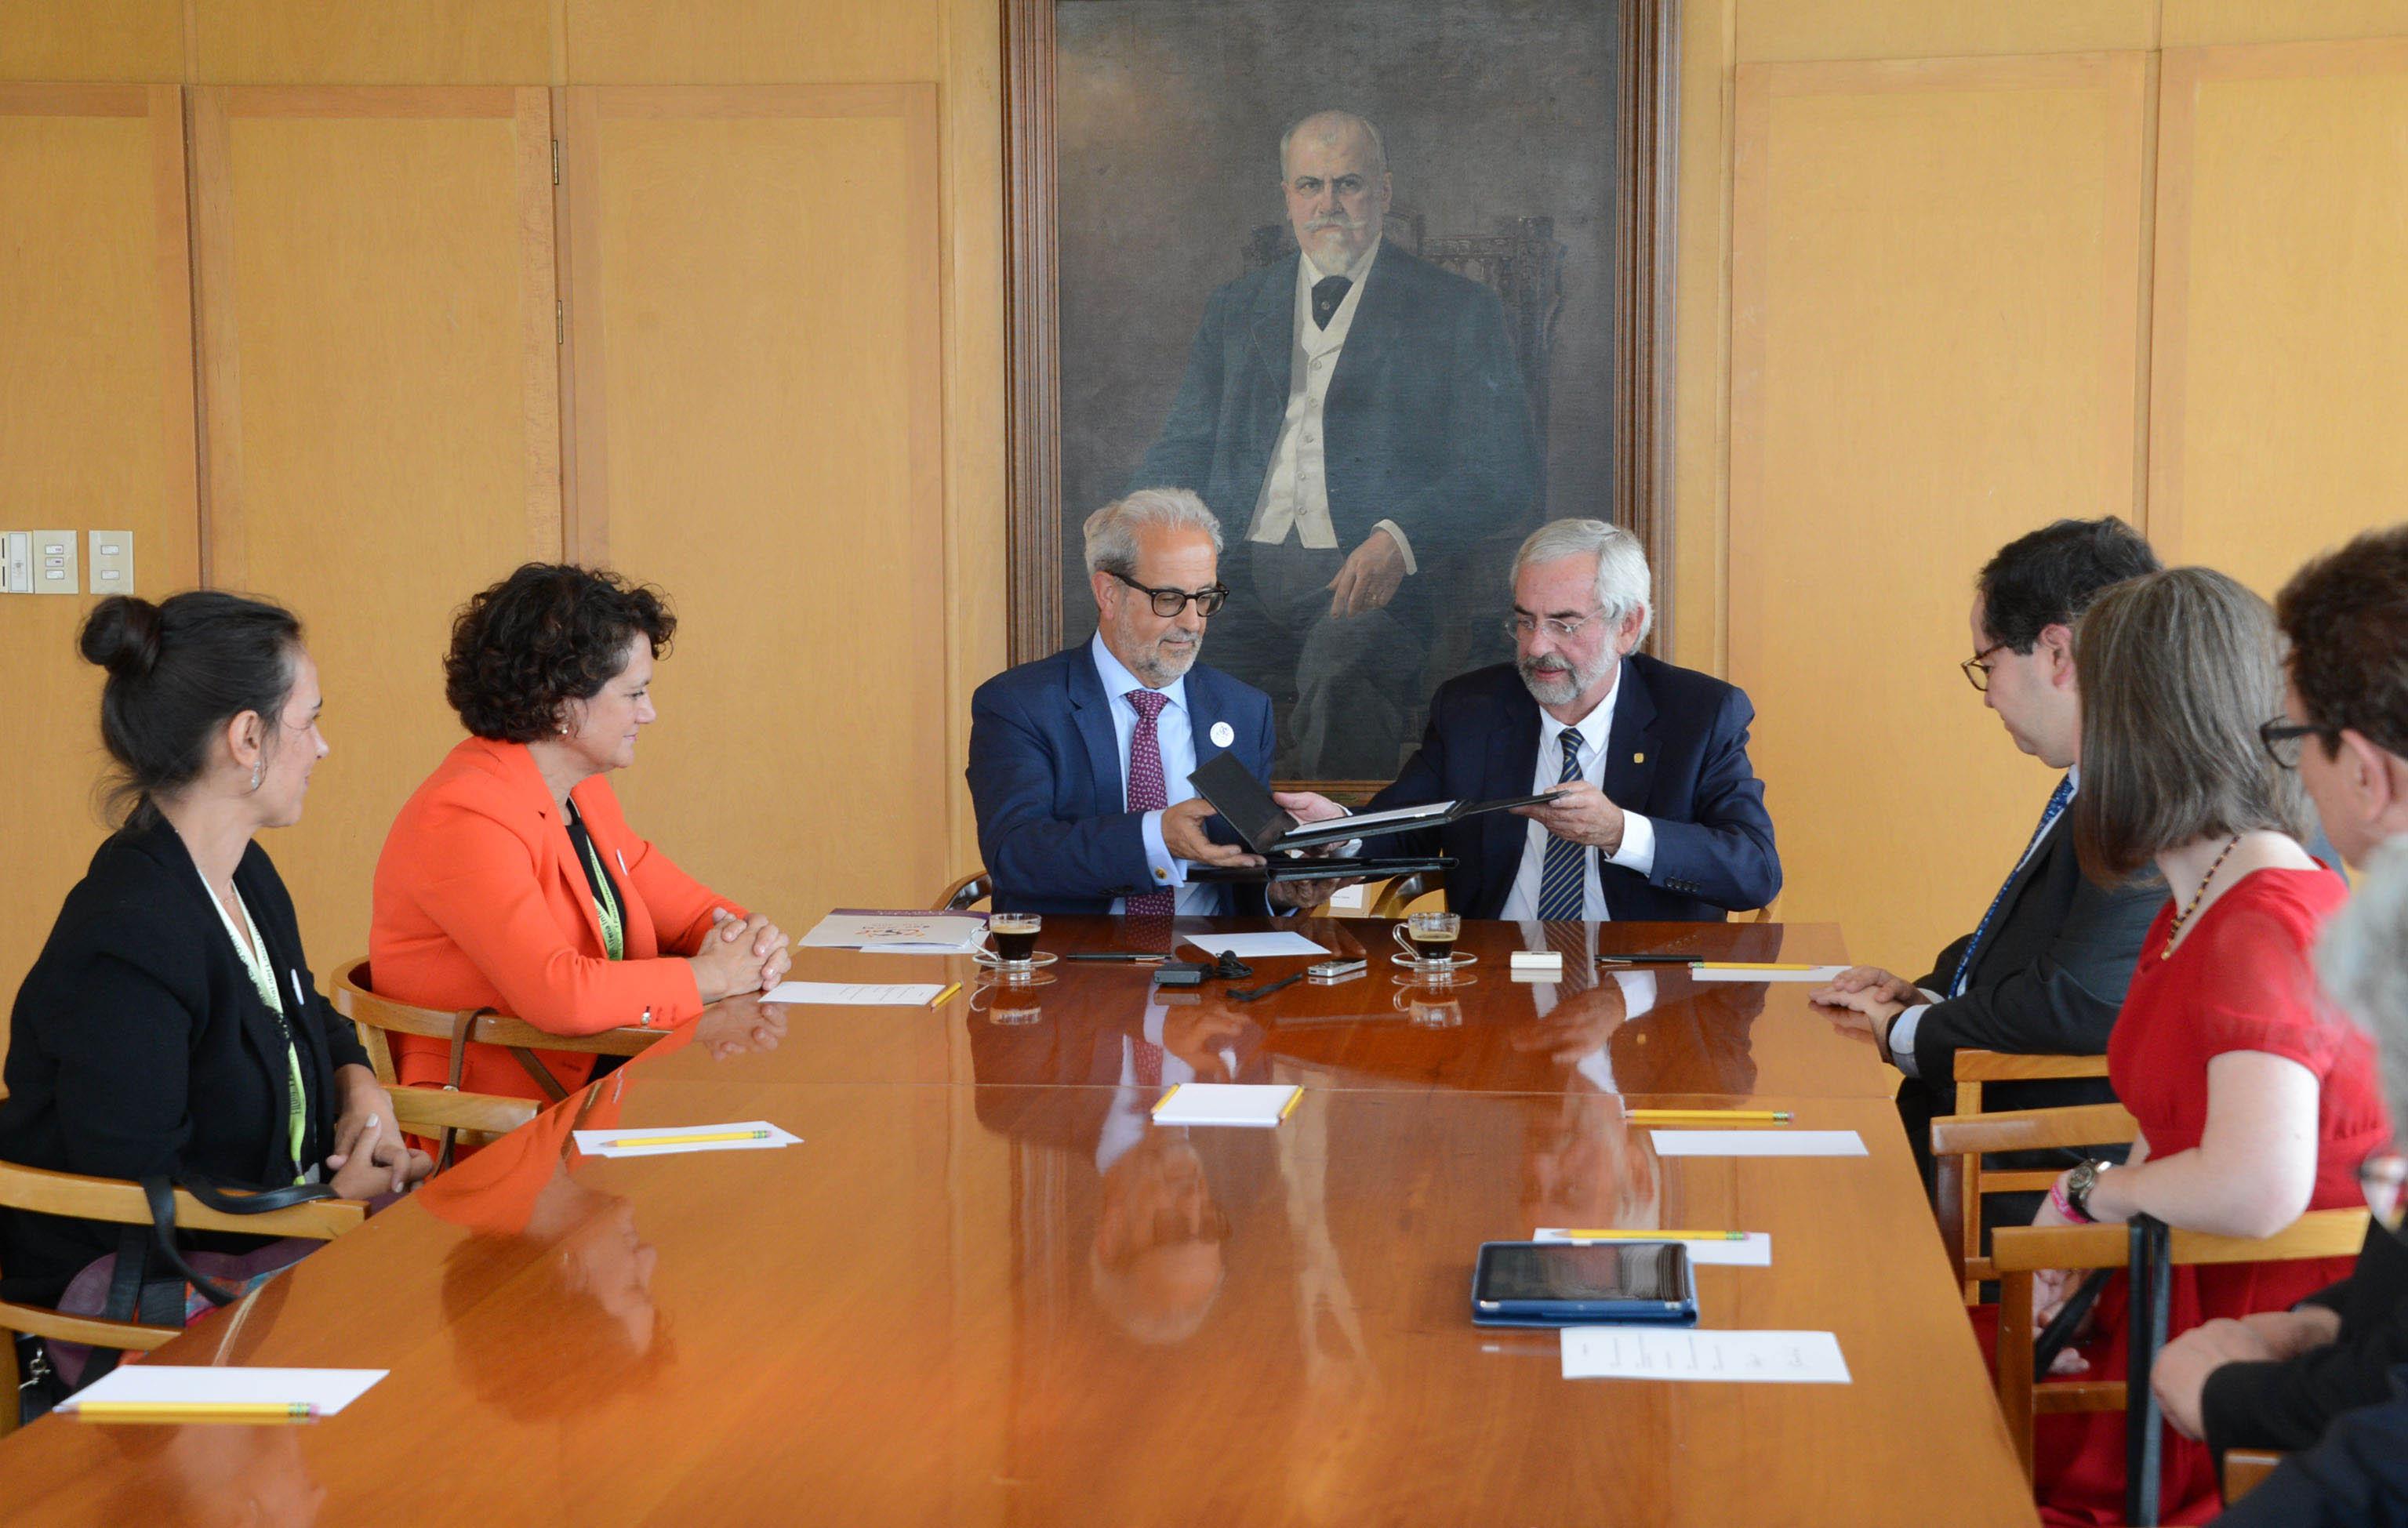 UNAM Y UNIVERSIDAD DE SALAMANCA ESTABLECEN PROGRAMAS ACADÉMICOS DE DOBLE TITULACIÓN